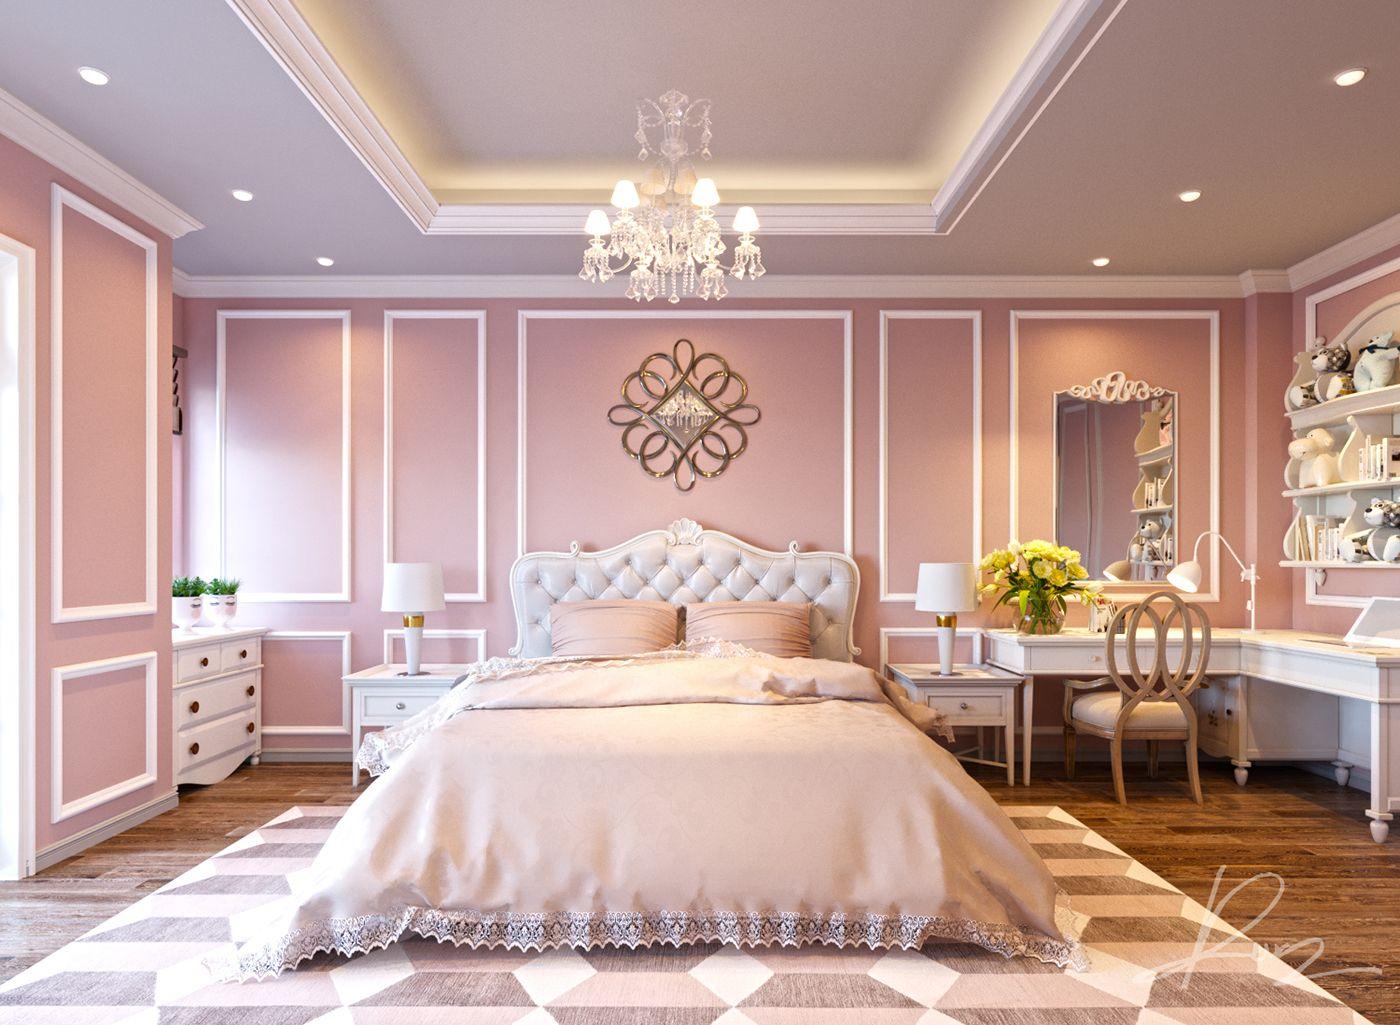 Bedroom Classic On Behance Luxurious Bedrooms Classic Bedroom Bedroom Design Styles Luxury elegant teen bedroom